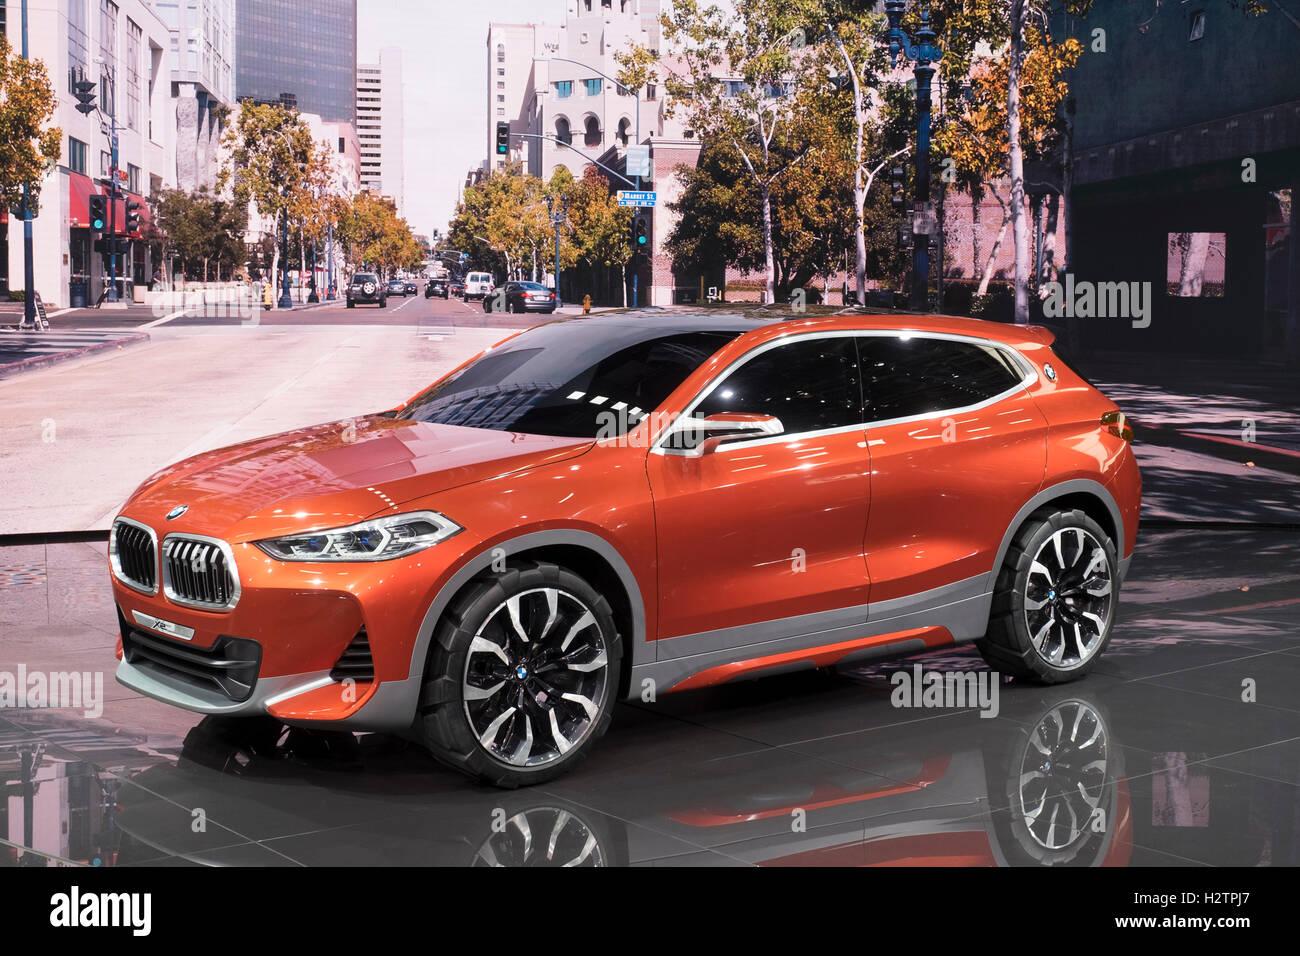 Vista del estreno mundial de BMW X2 concepto SUV en Paris Motor Show 2016 Imagen De Stock